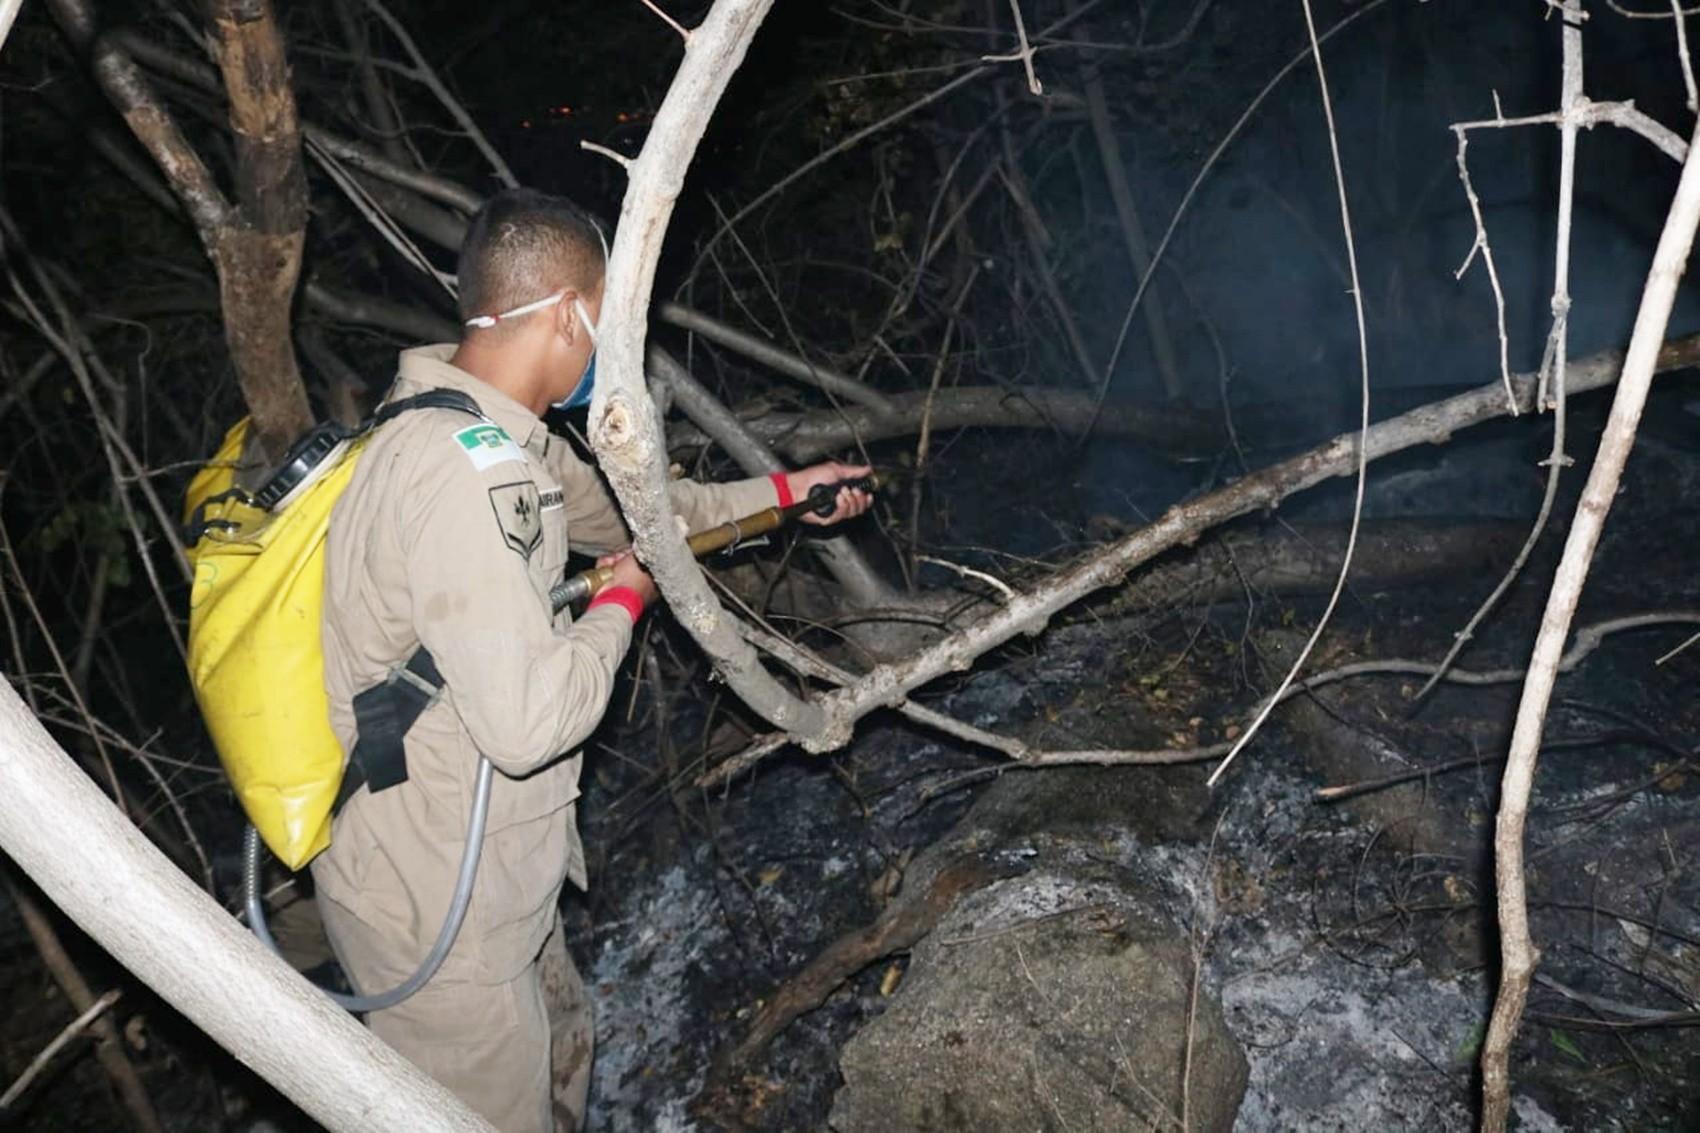 'Maiores focos já foram debelados', diz Corpo de Bombeiros sobre incêndio que atinge a Serra do Lima, em Patu, RN - Notícias - Plantão Diário